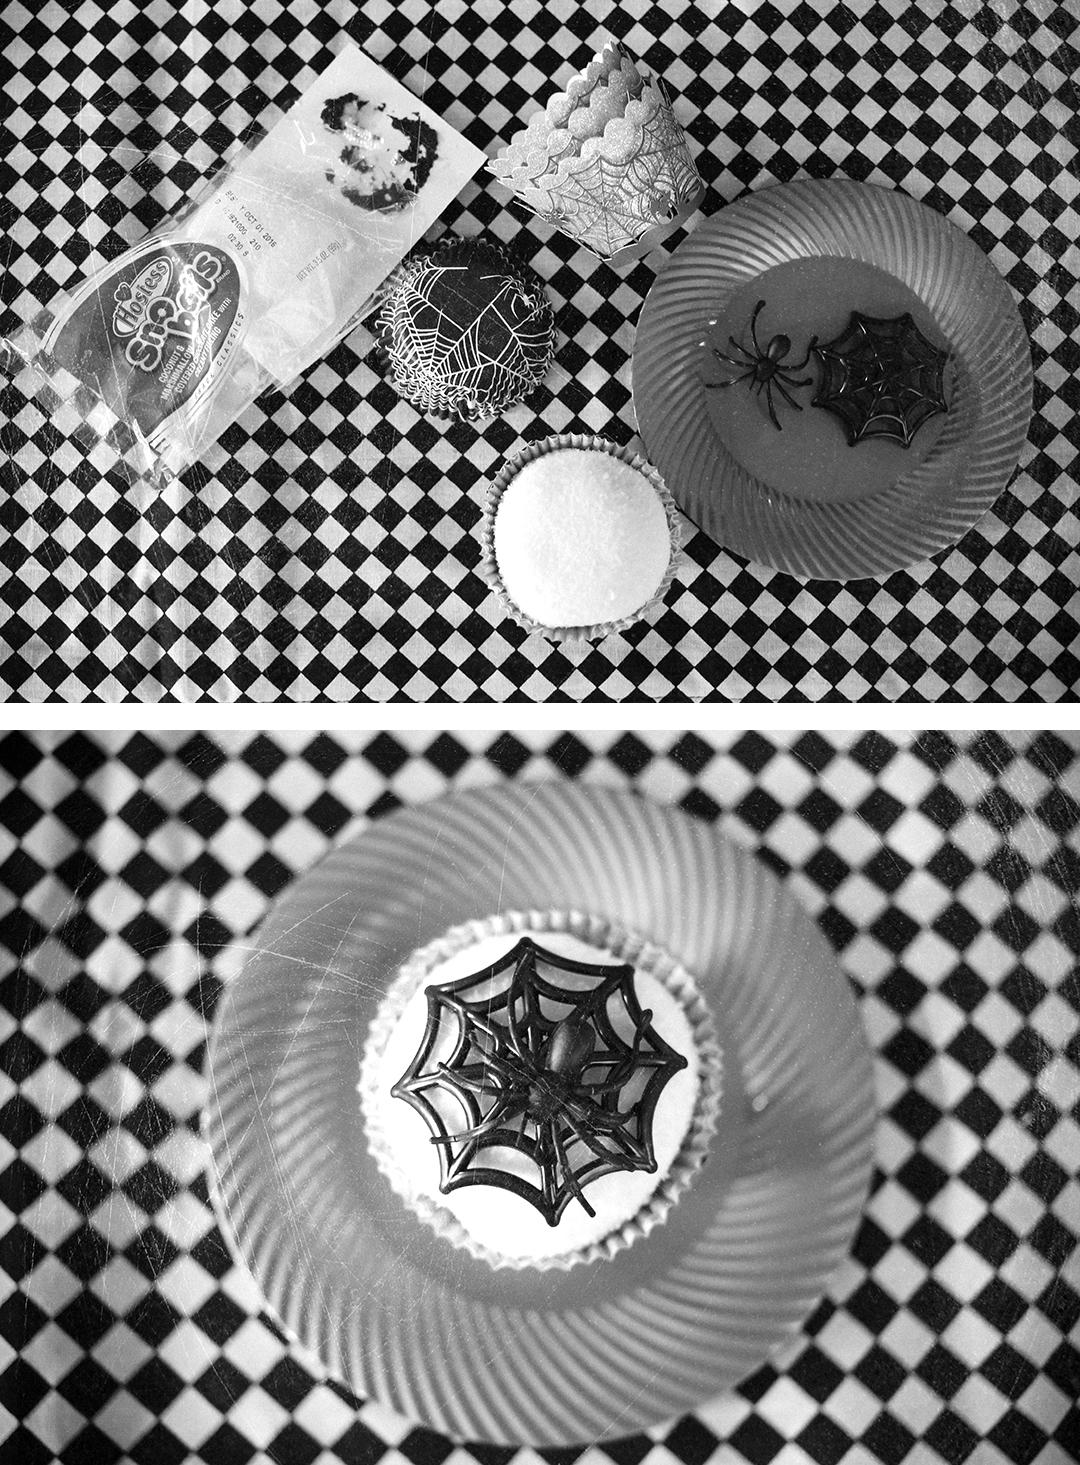 halloween-desserts-spider-web-snowballs